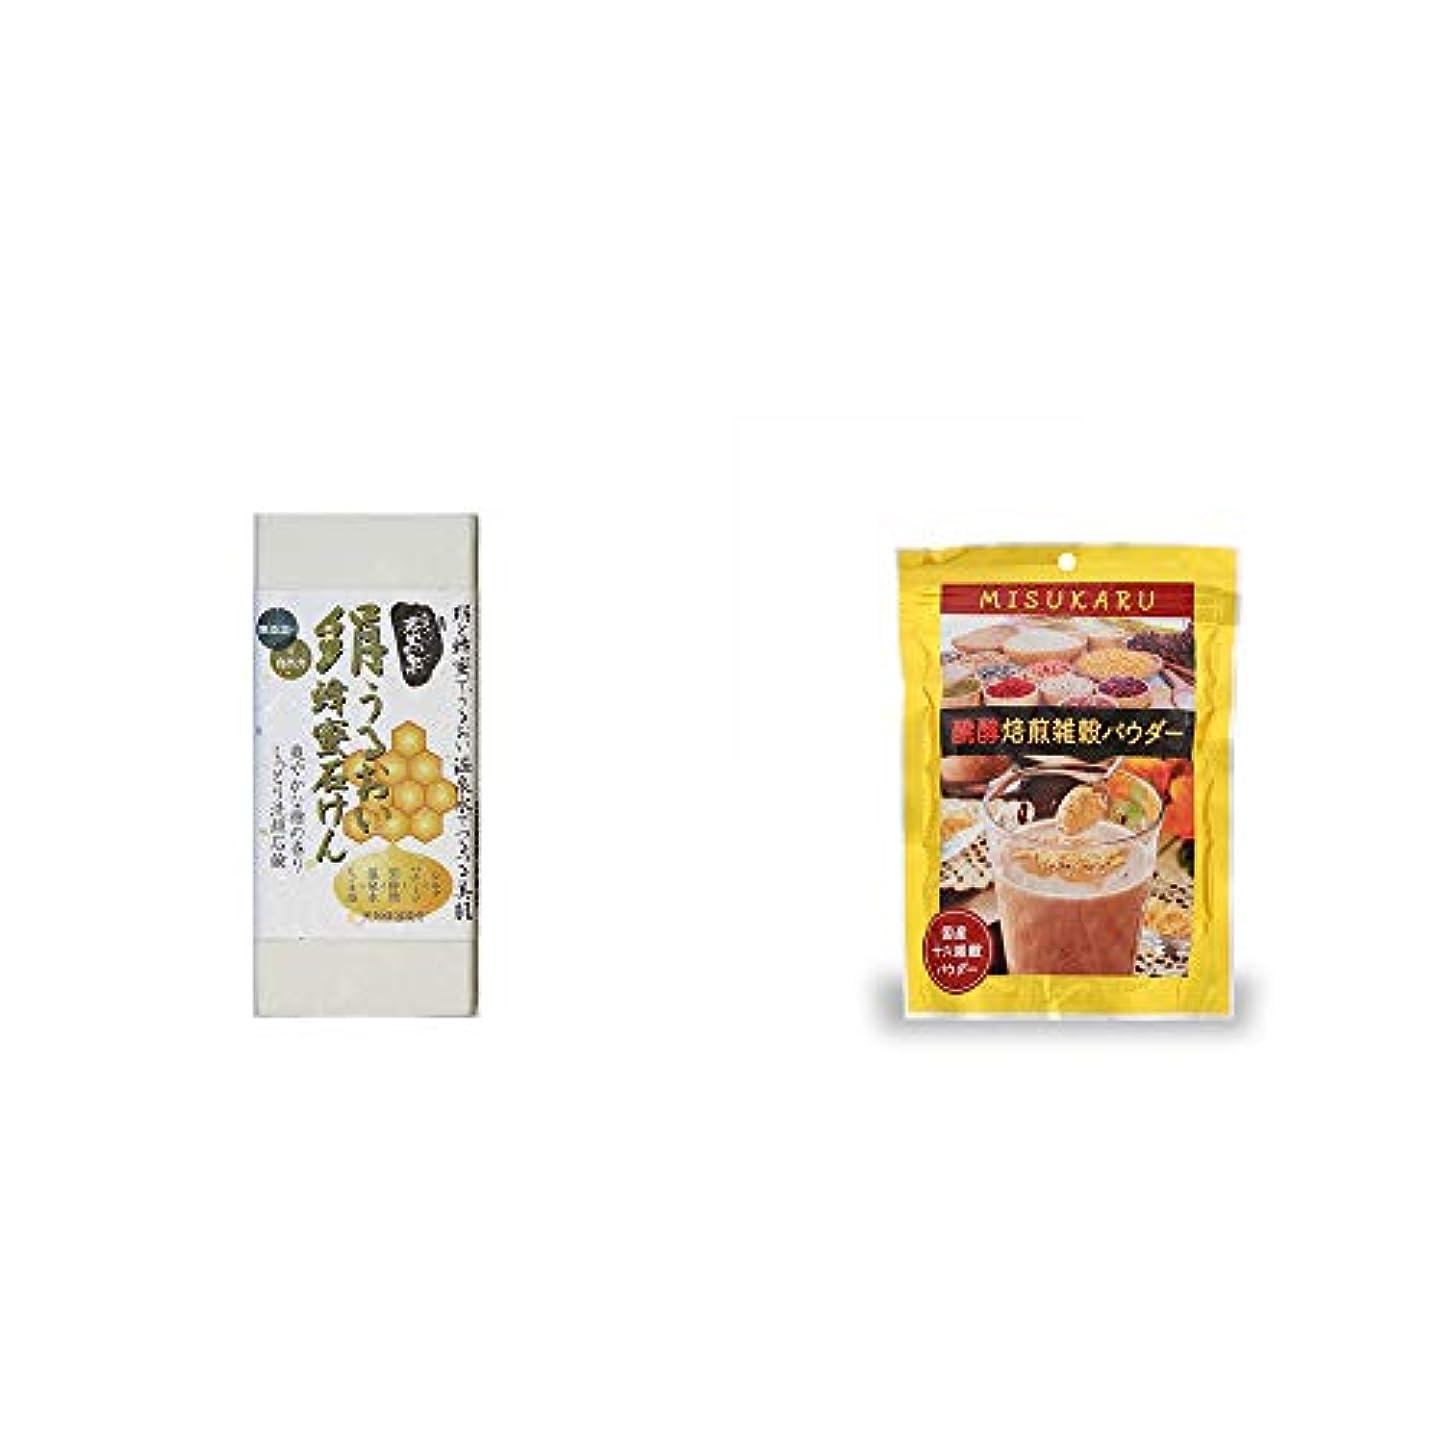 コテージ交響曲区画[2点セット] ひのき炭黒泉 絹うるおい蜂蜜石けん(75g×2)?醗酵焙煎雑穀パウダー MISUKARU(ミスカル)(200g)